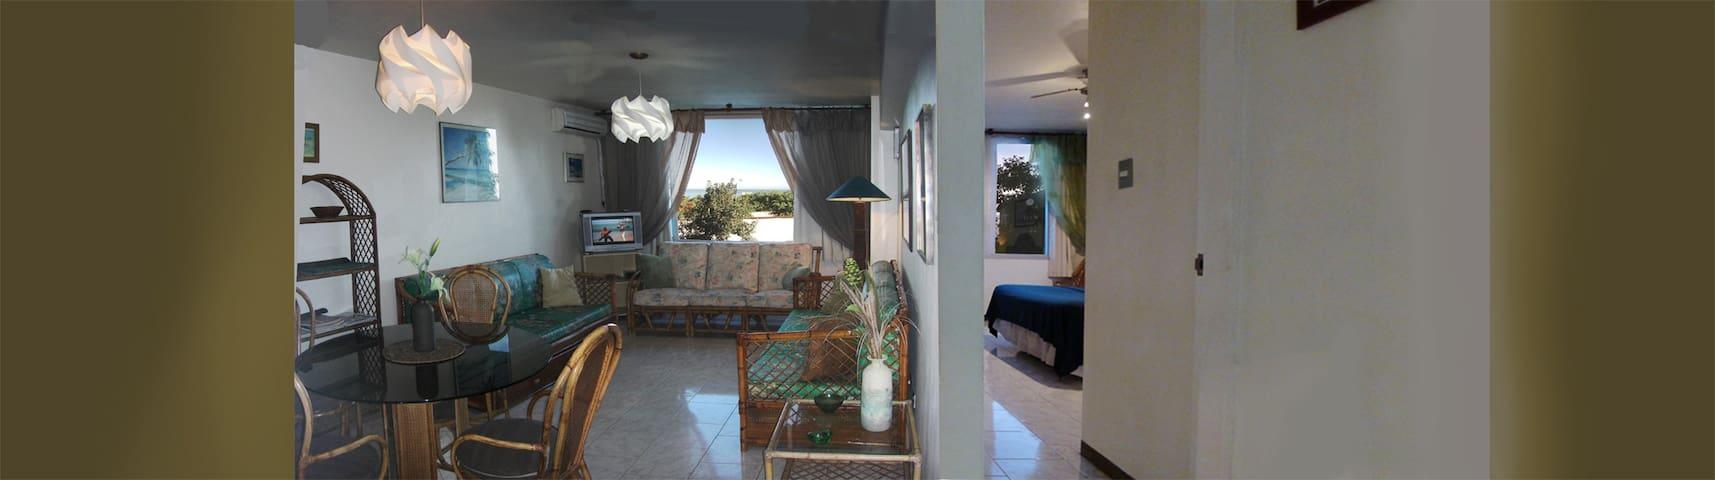 BRISAS DEL LITORAL APARTOCLUB - Caraballeda - Appartement